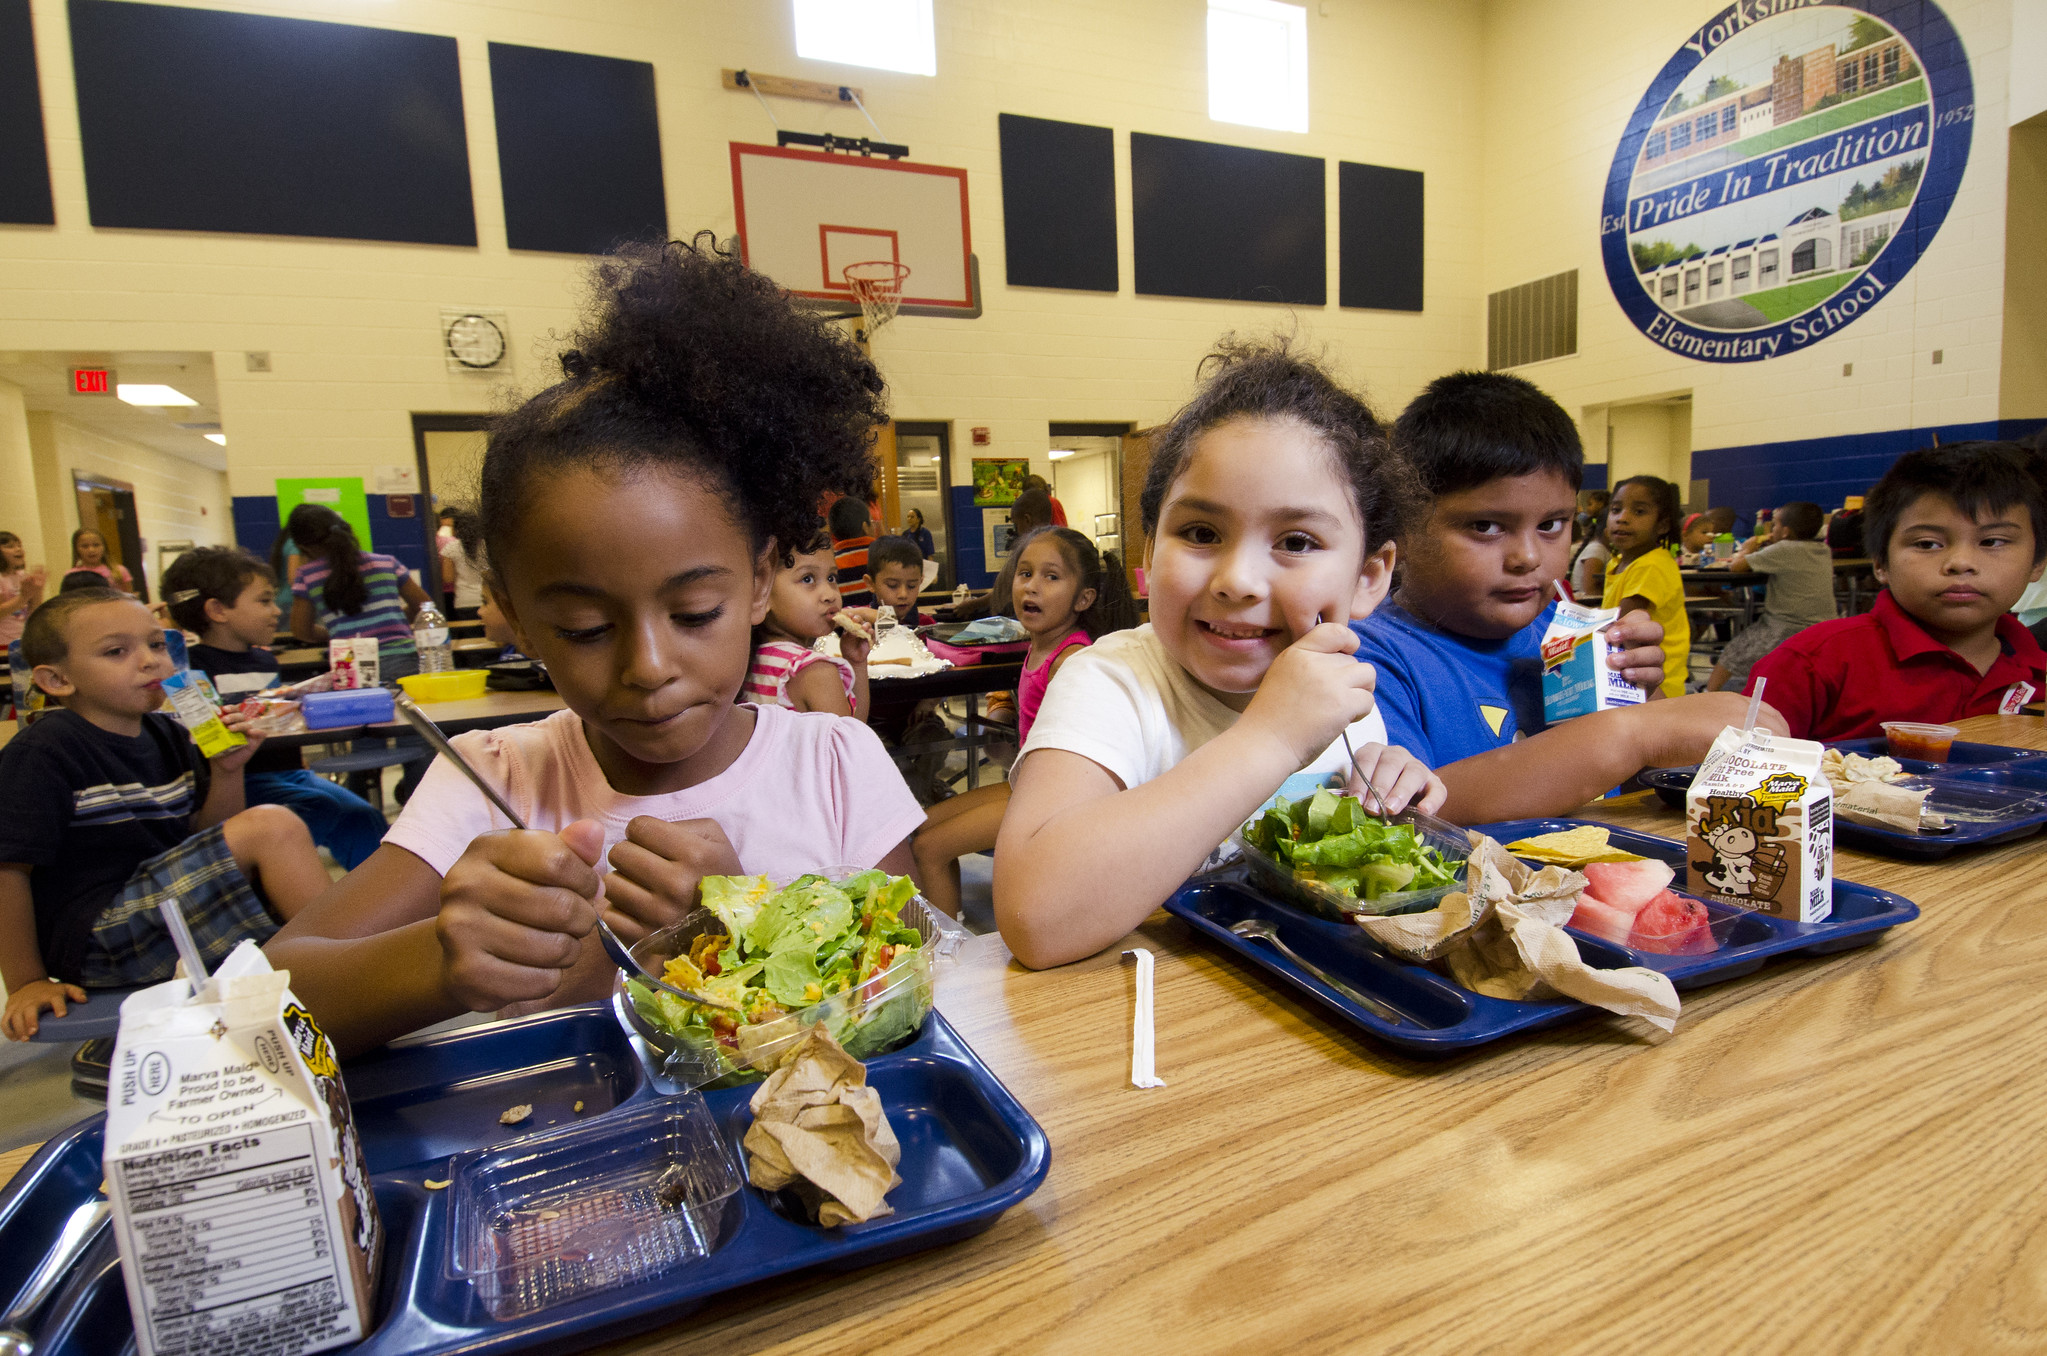 世界に誇る食習慣を育む日本の学校給食-好きな物だけ食べてあとは残しても良し!?アメリカの学校給食事情